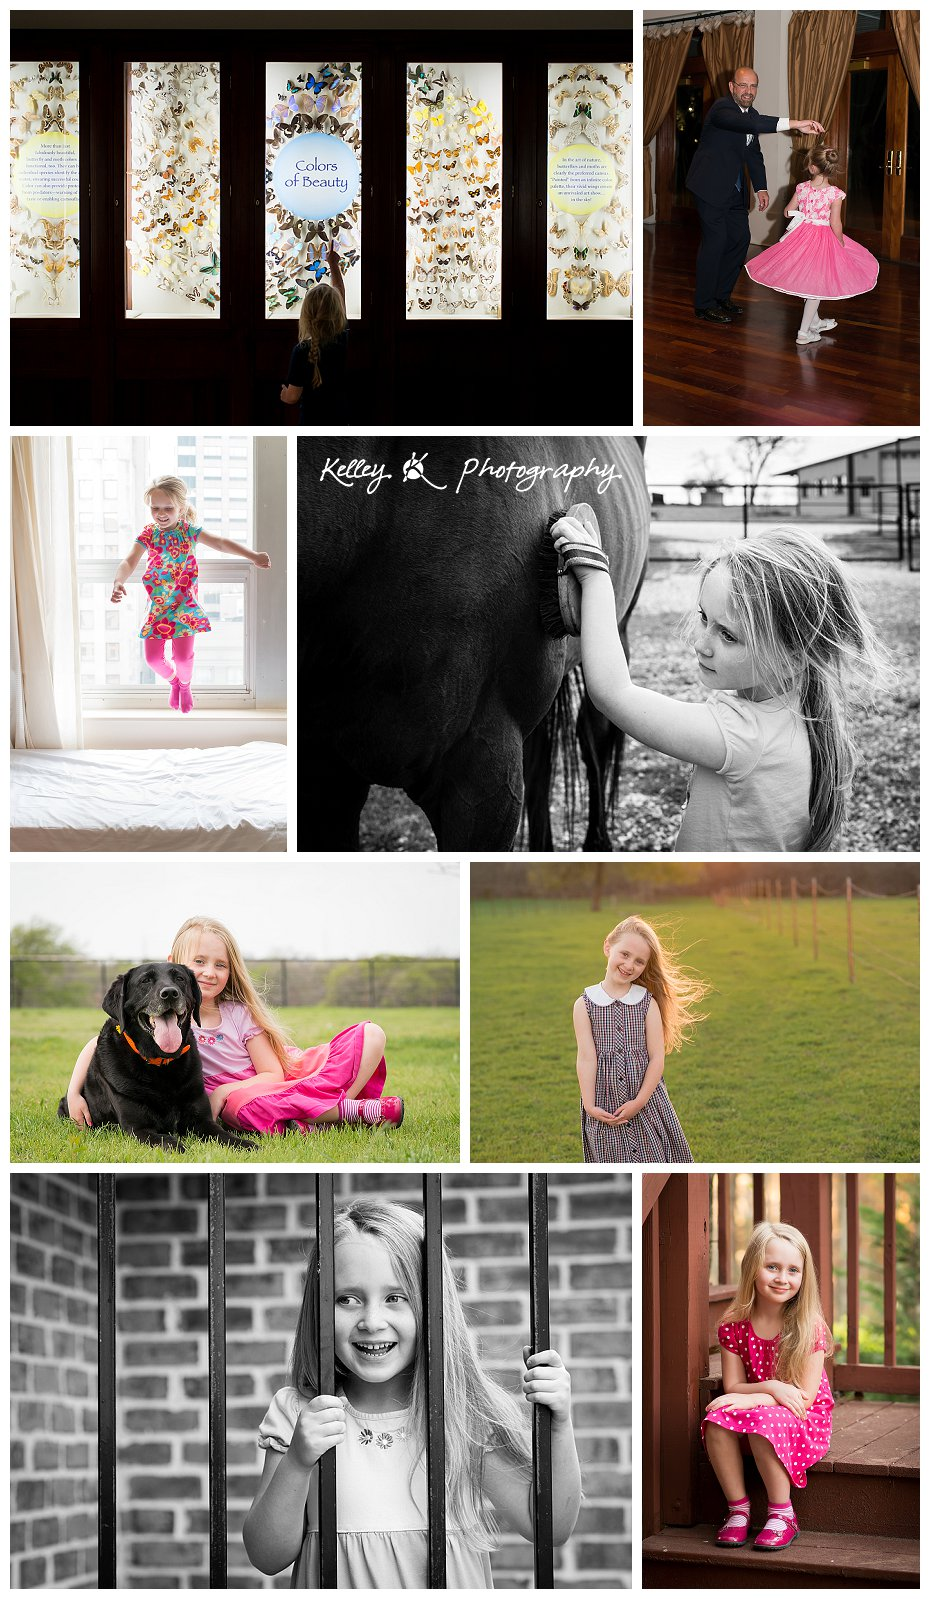 Kelley K Photography | Smyrna, Georgia | Project 365 - Week 27